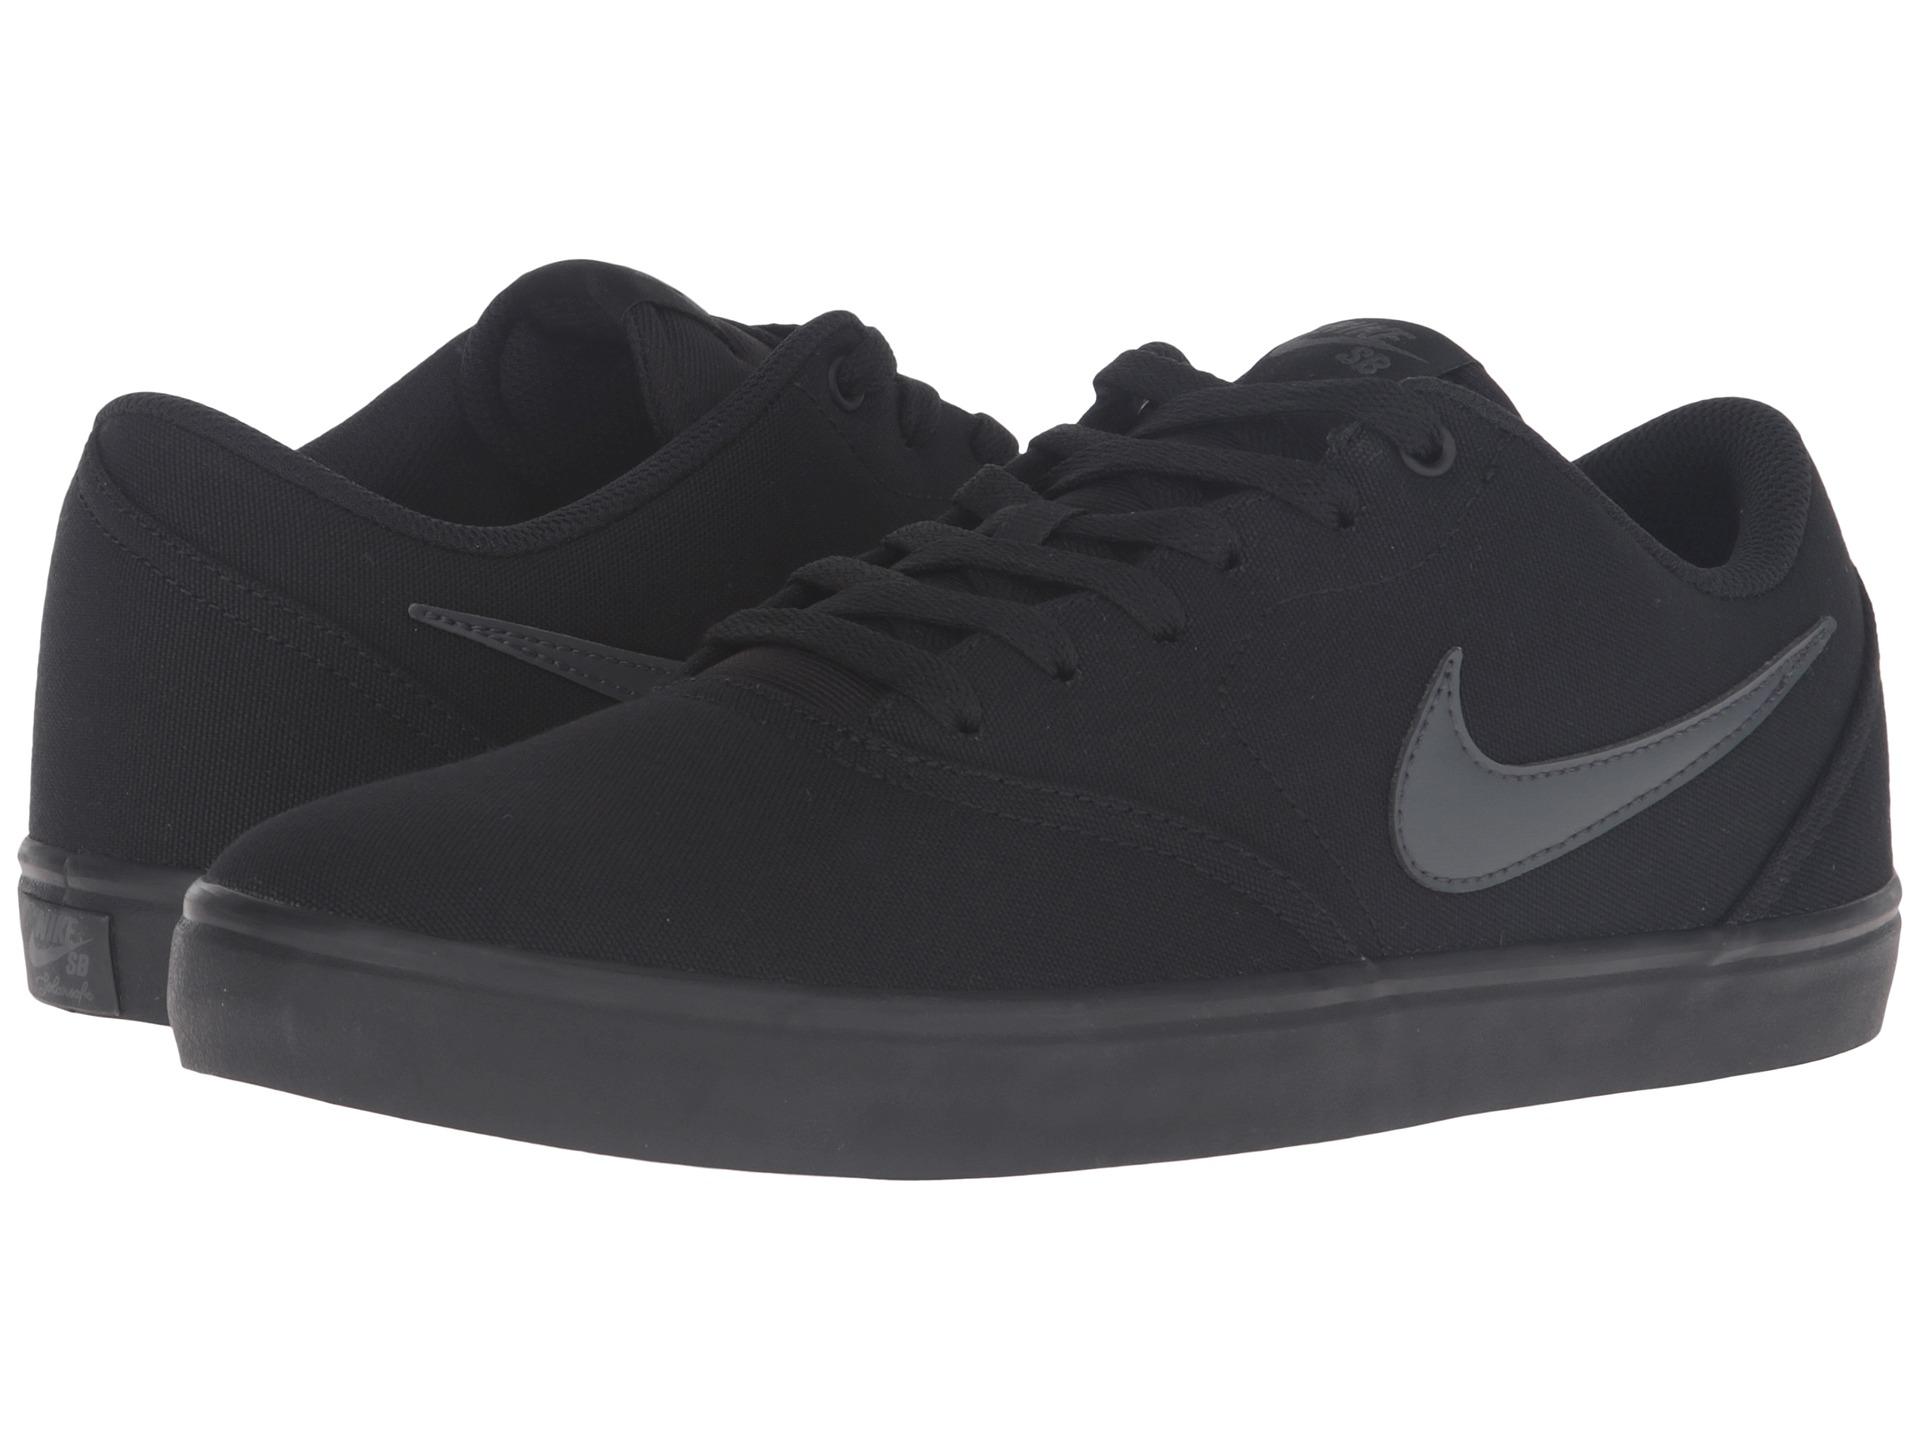 Nike Sb Check Skate Shoes Feet